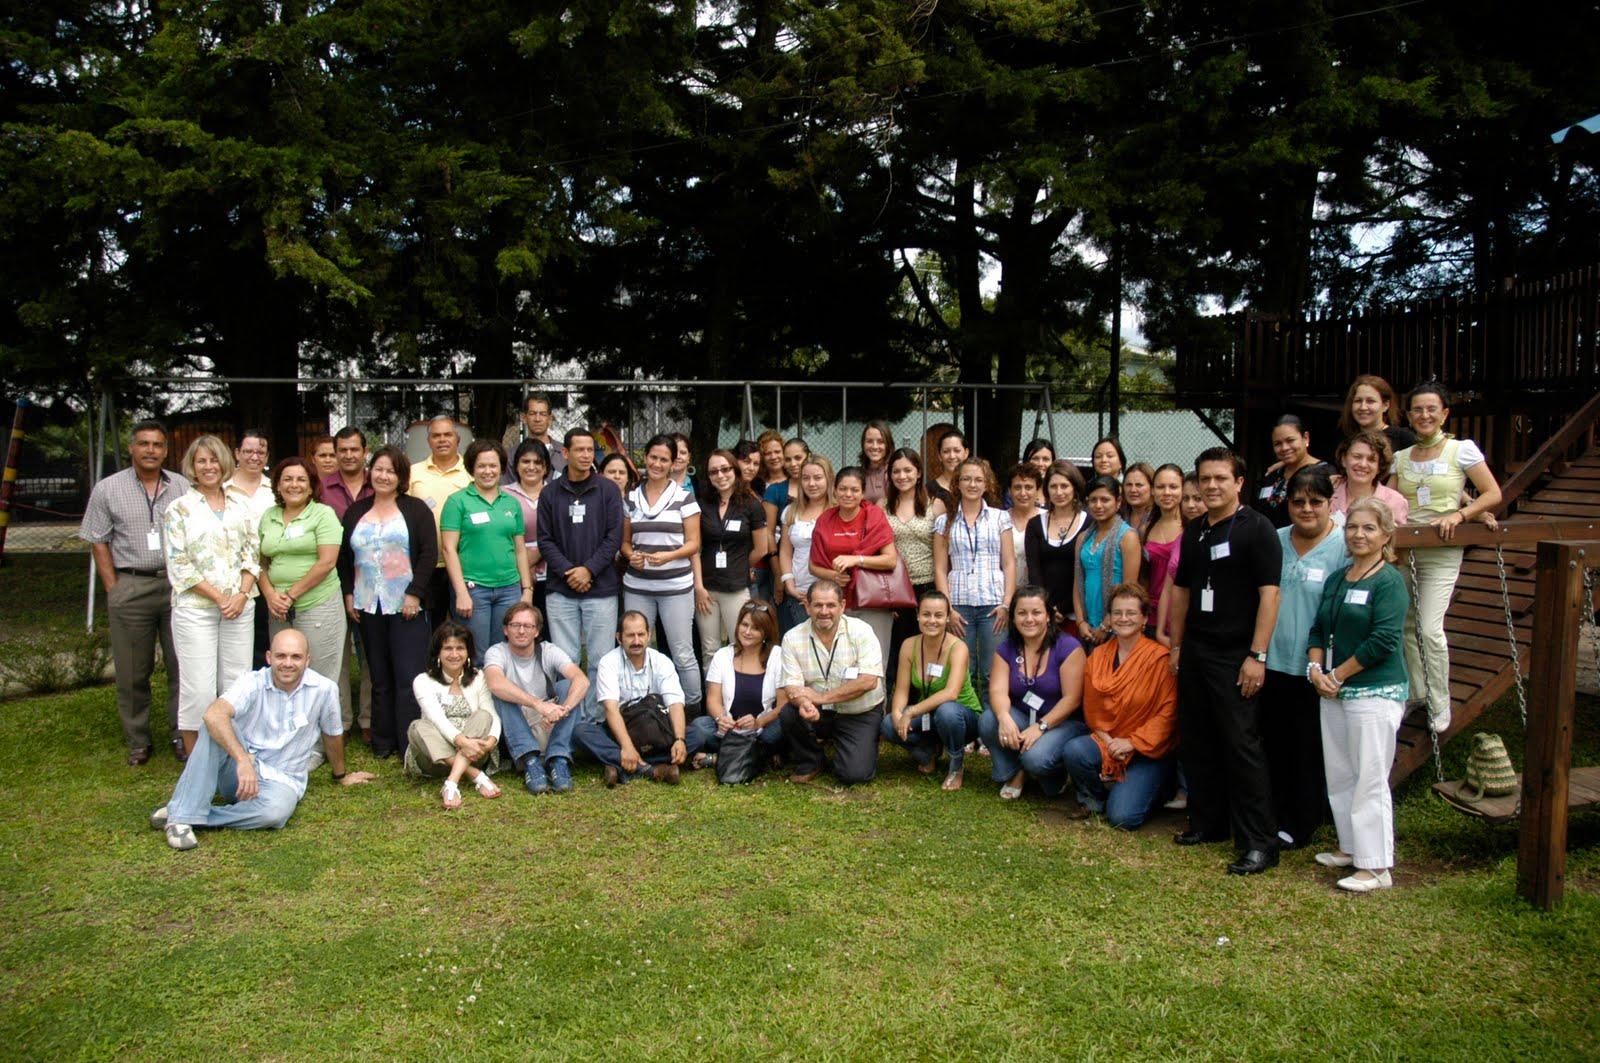 Servicio de horticultura y jardines horticultura terapeutica for Horticultura definicion